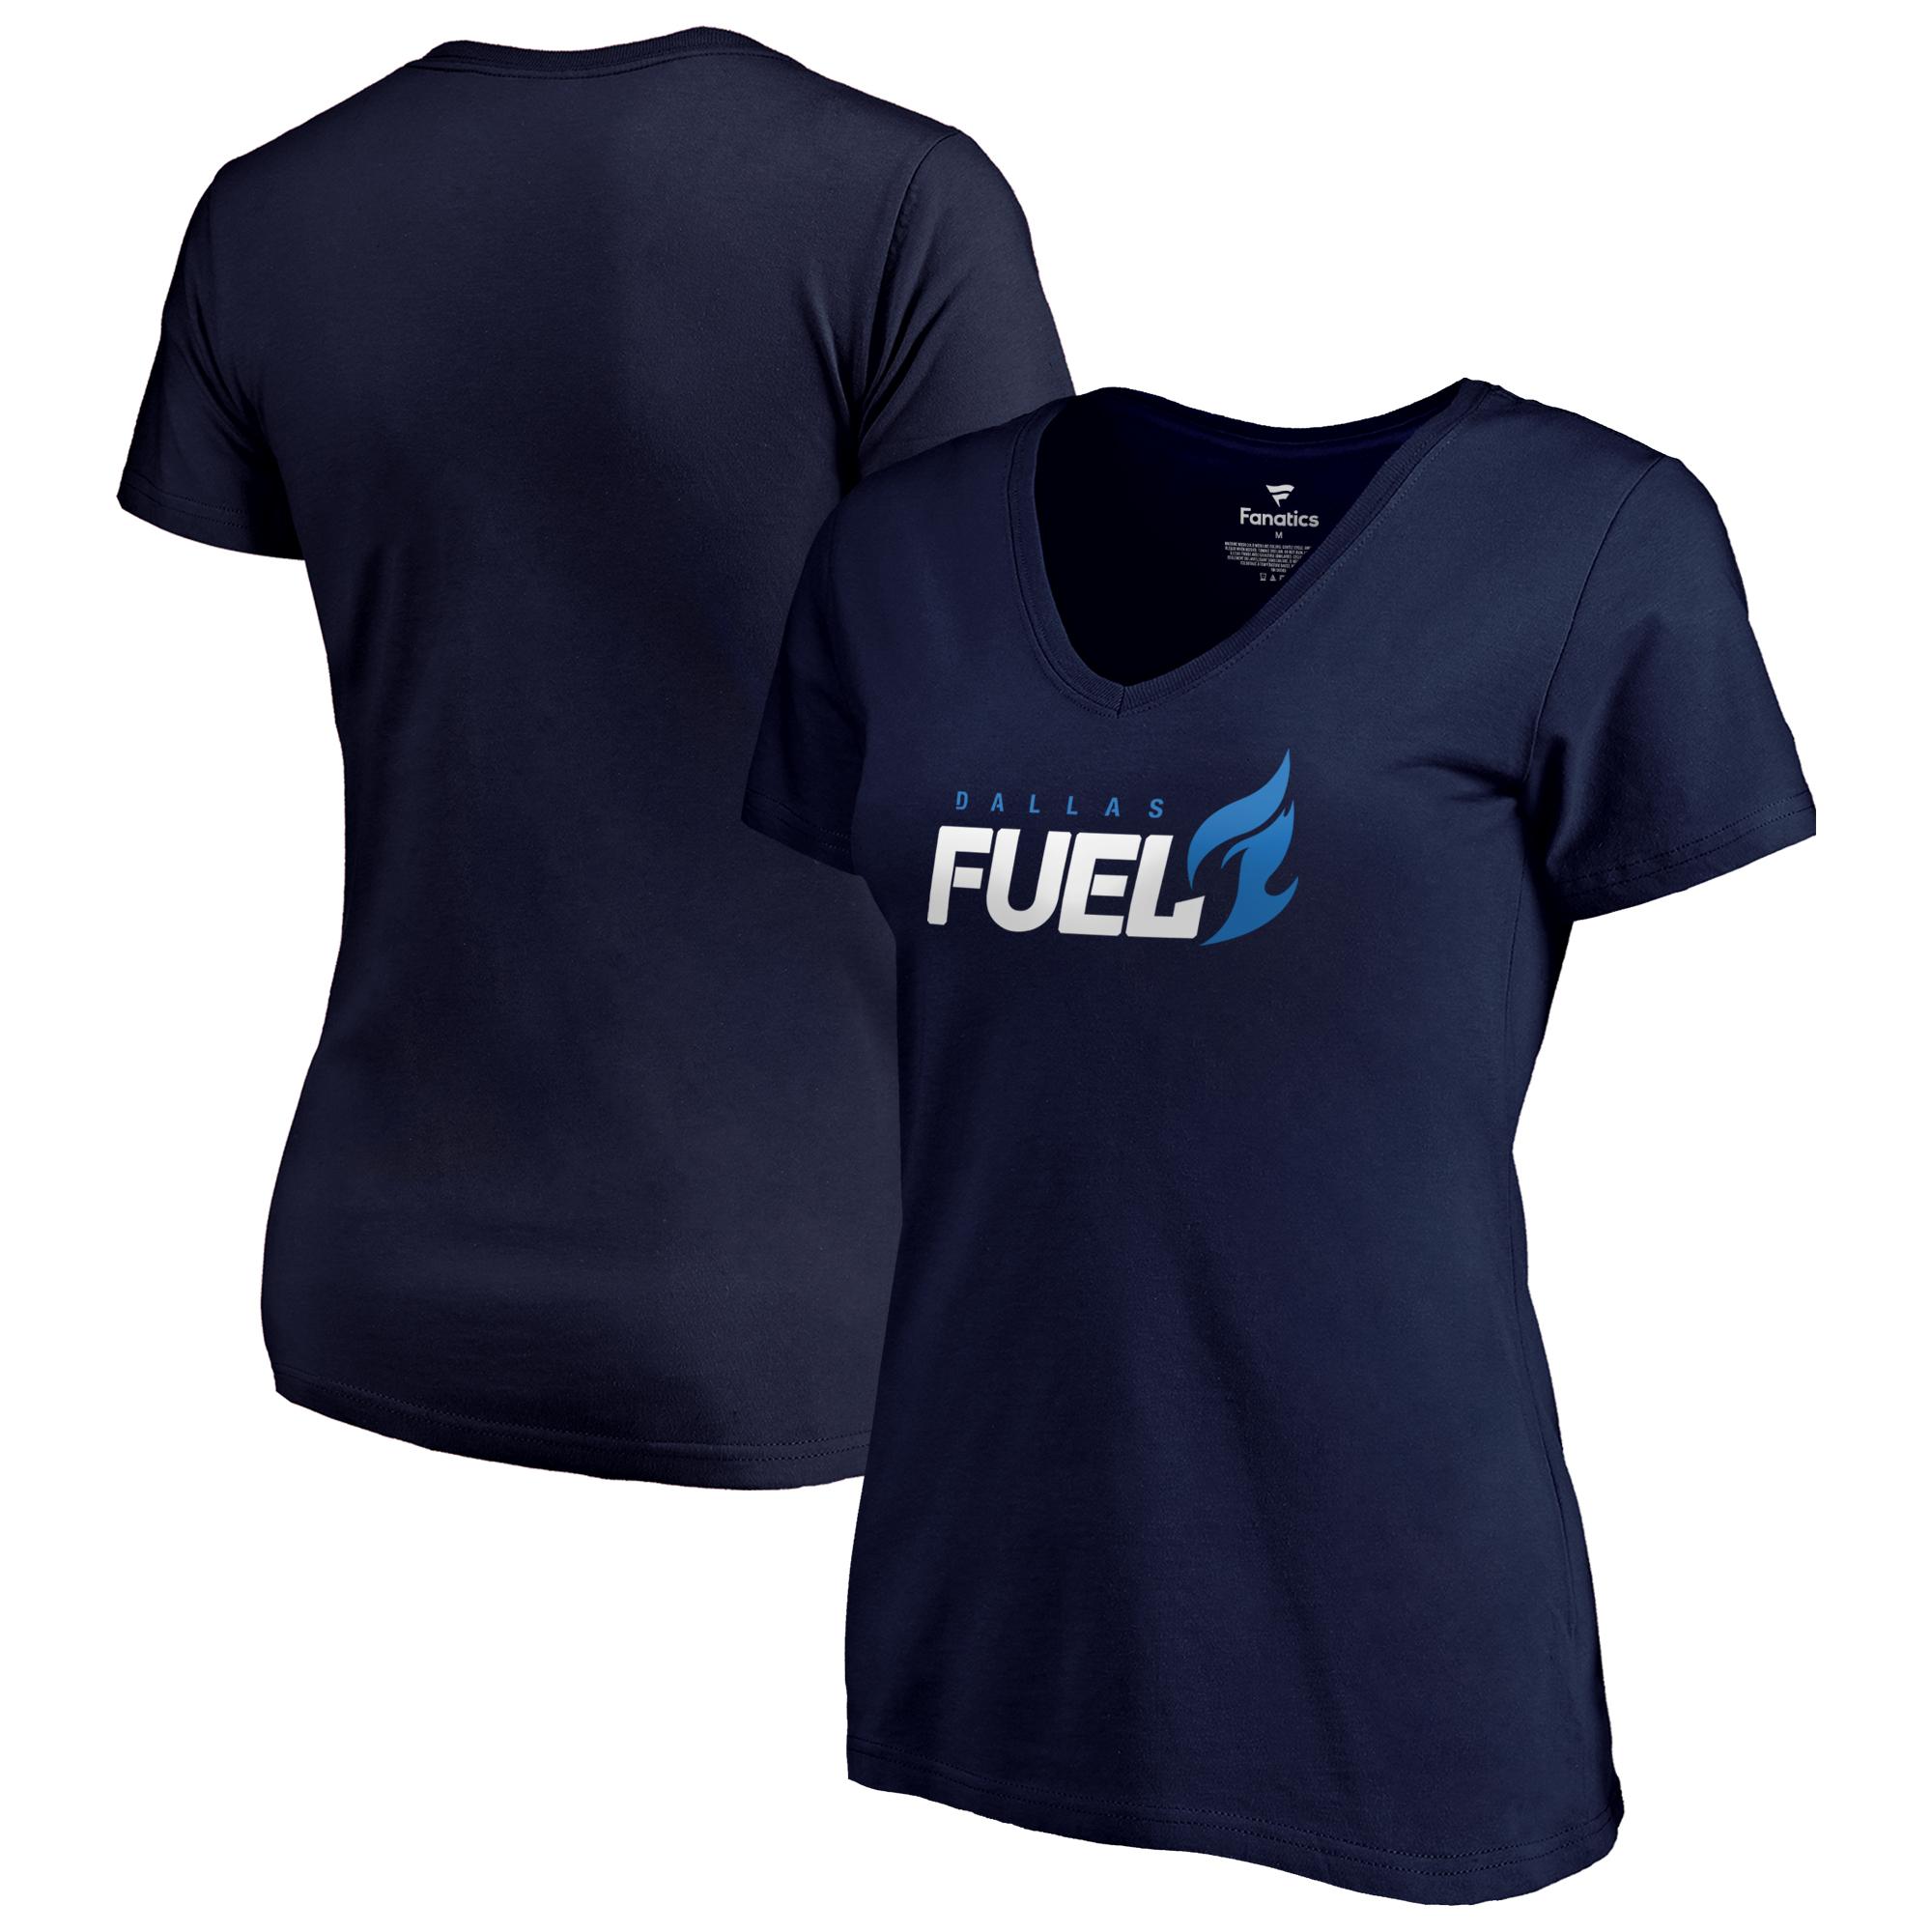 Dallas Fuel Fanatics Branded Women's Team Identity V-Neck T-Shirt - Navy